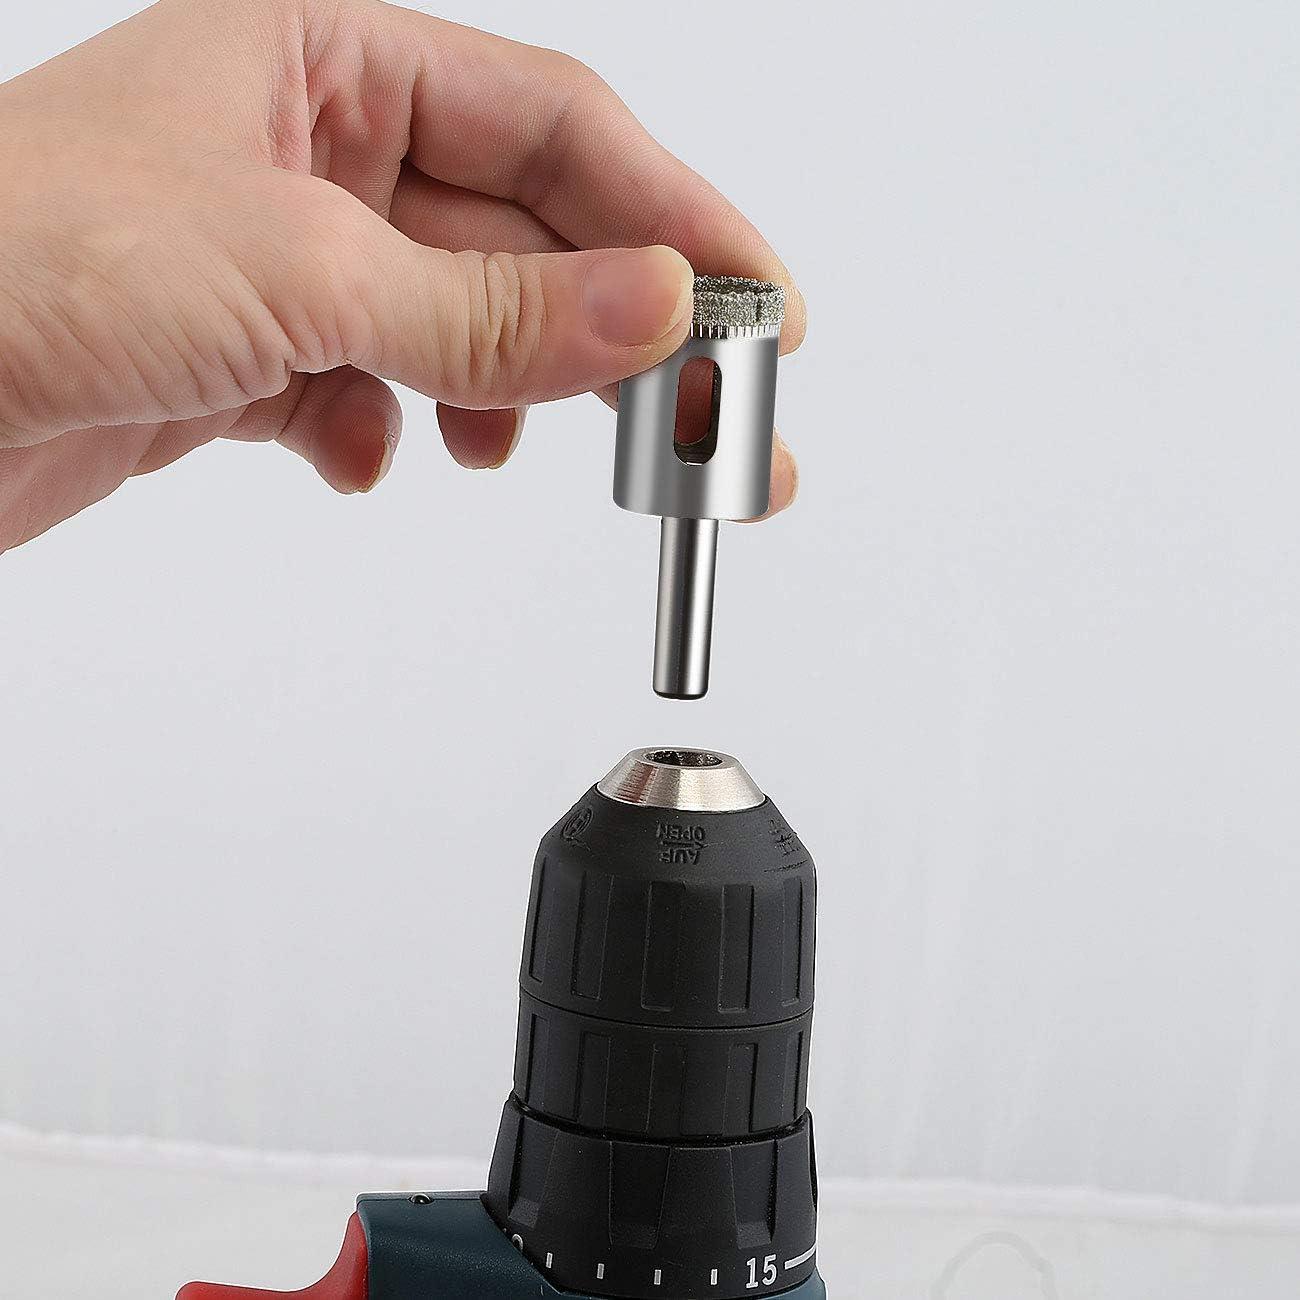 Porcelana Perforar en Vidrio Azulejo 6mm-50mm M/ármol Cer/ámica 15Pcs Juego de Taladro Diamante la mejor calidad Acero al Carbono Ertisa Broca Diamante